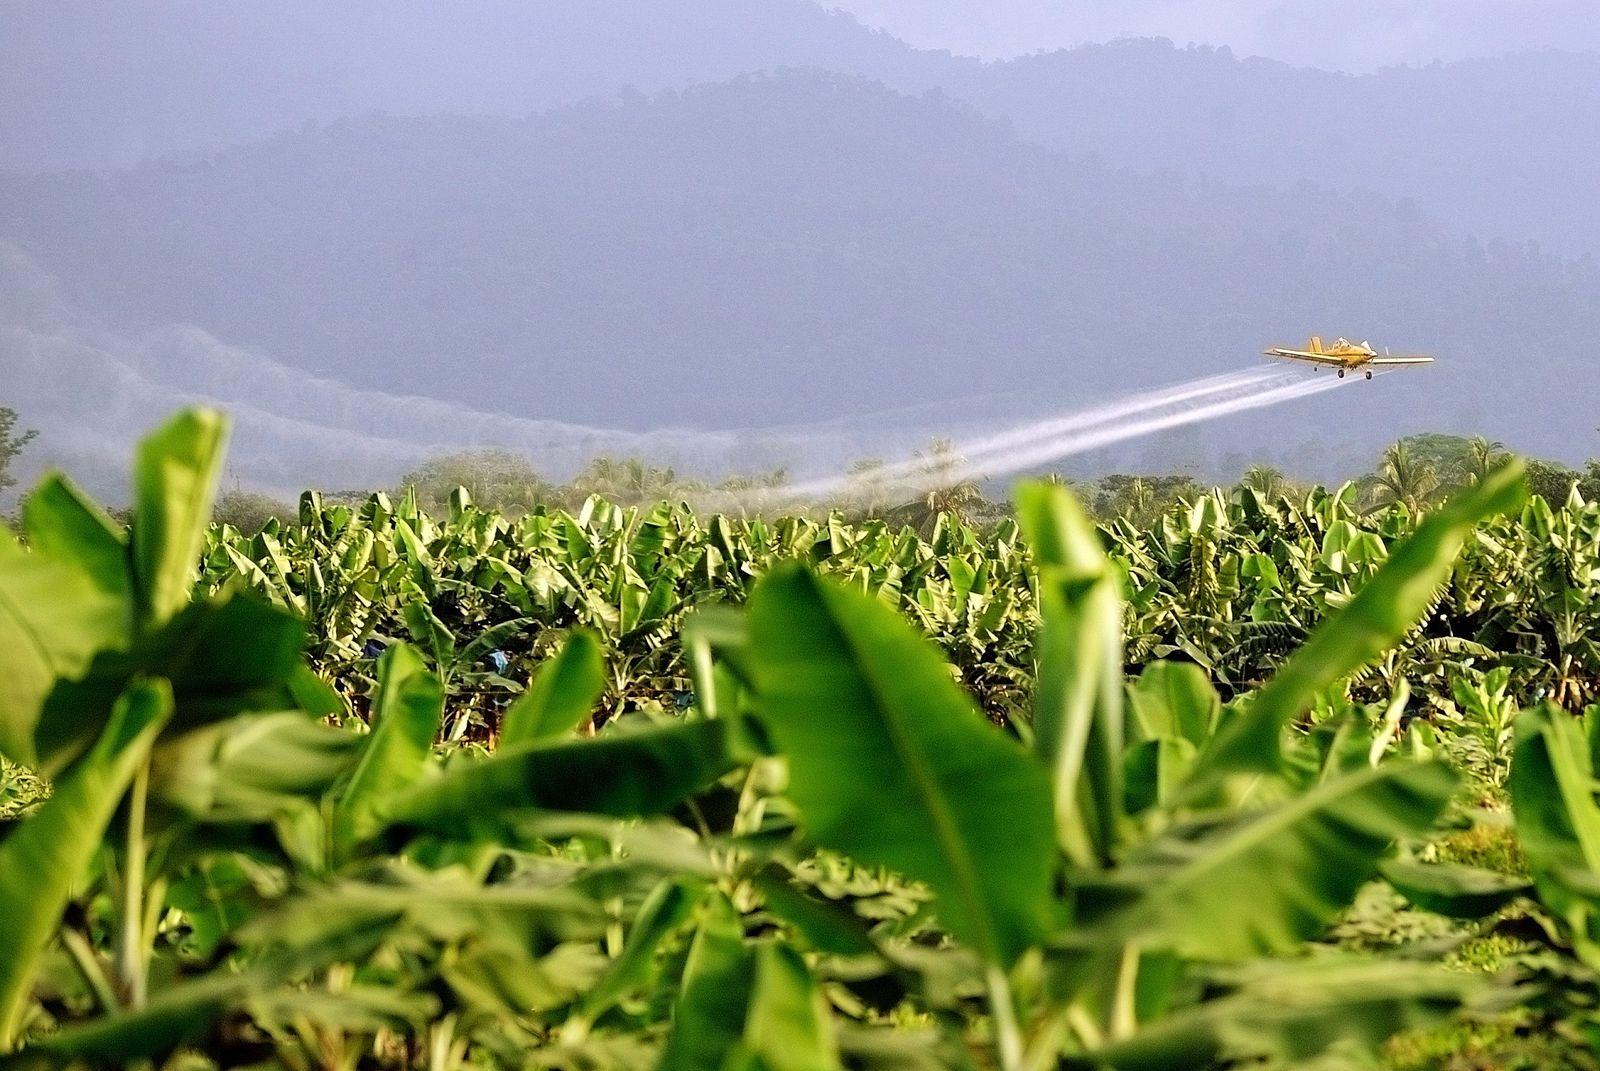 NICHT VERWENDEN SYMBOLBILD Pestizide/ Costa Rica